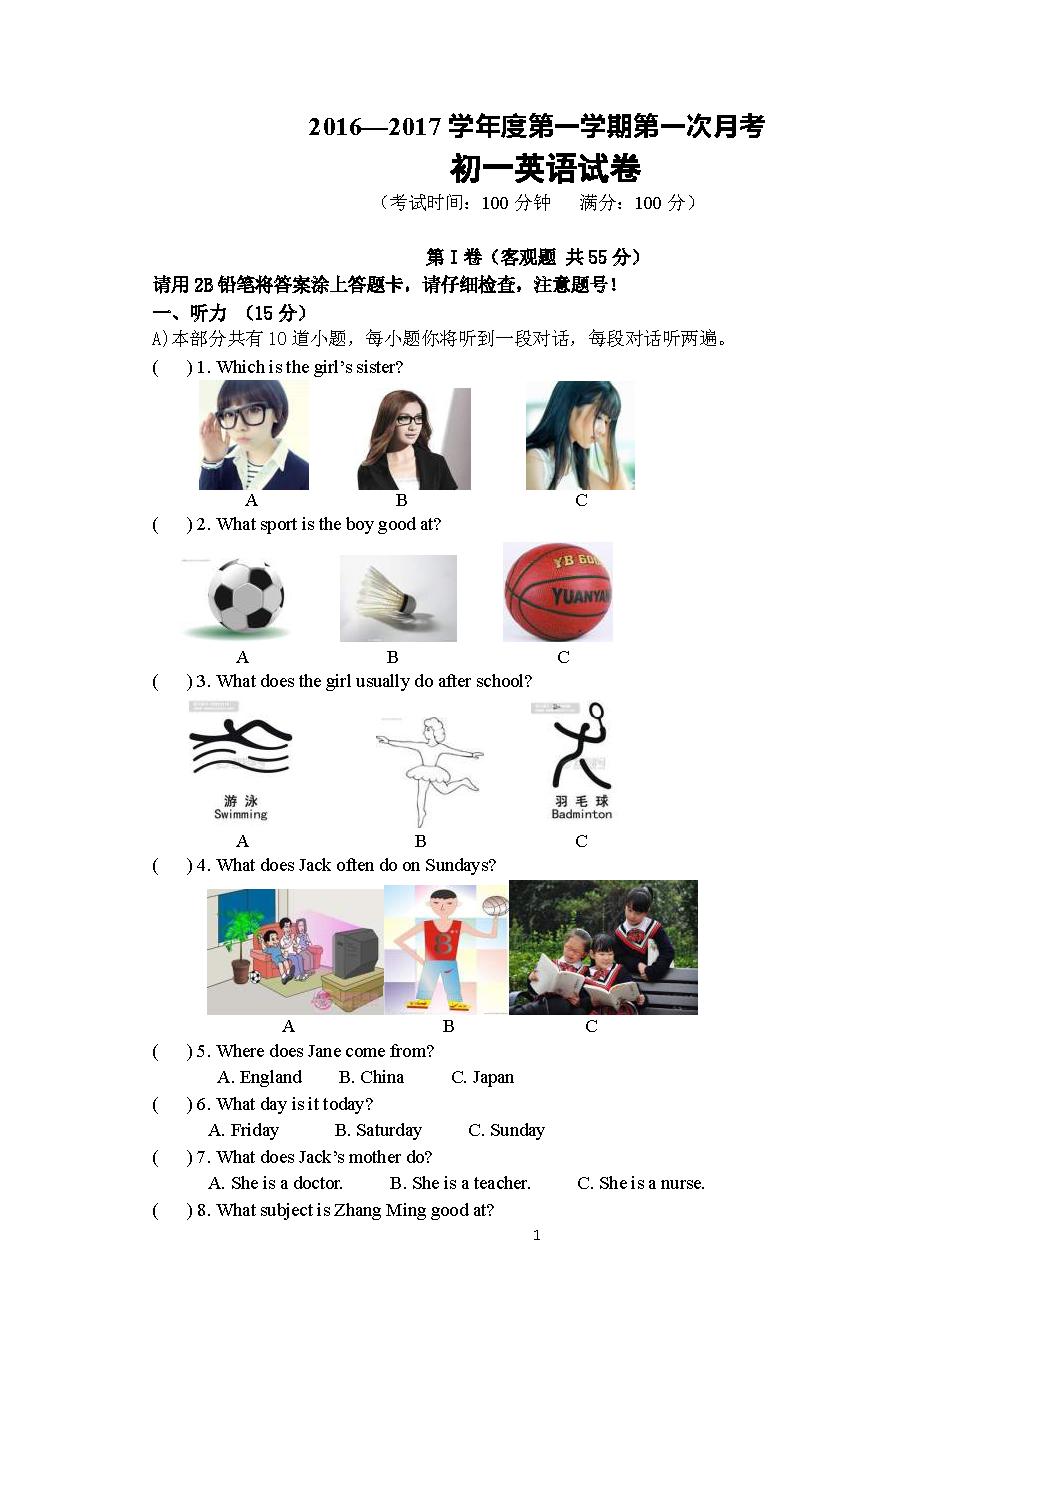 江苏金坛西阳中学2016-2017七年级上英语第一次月考试题(图片版)